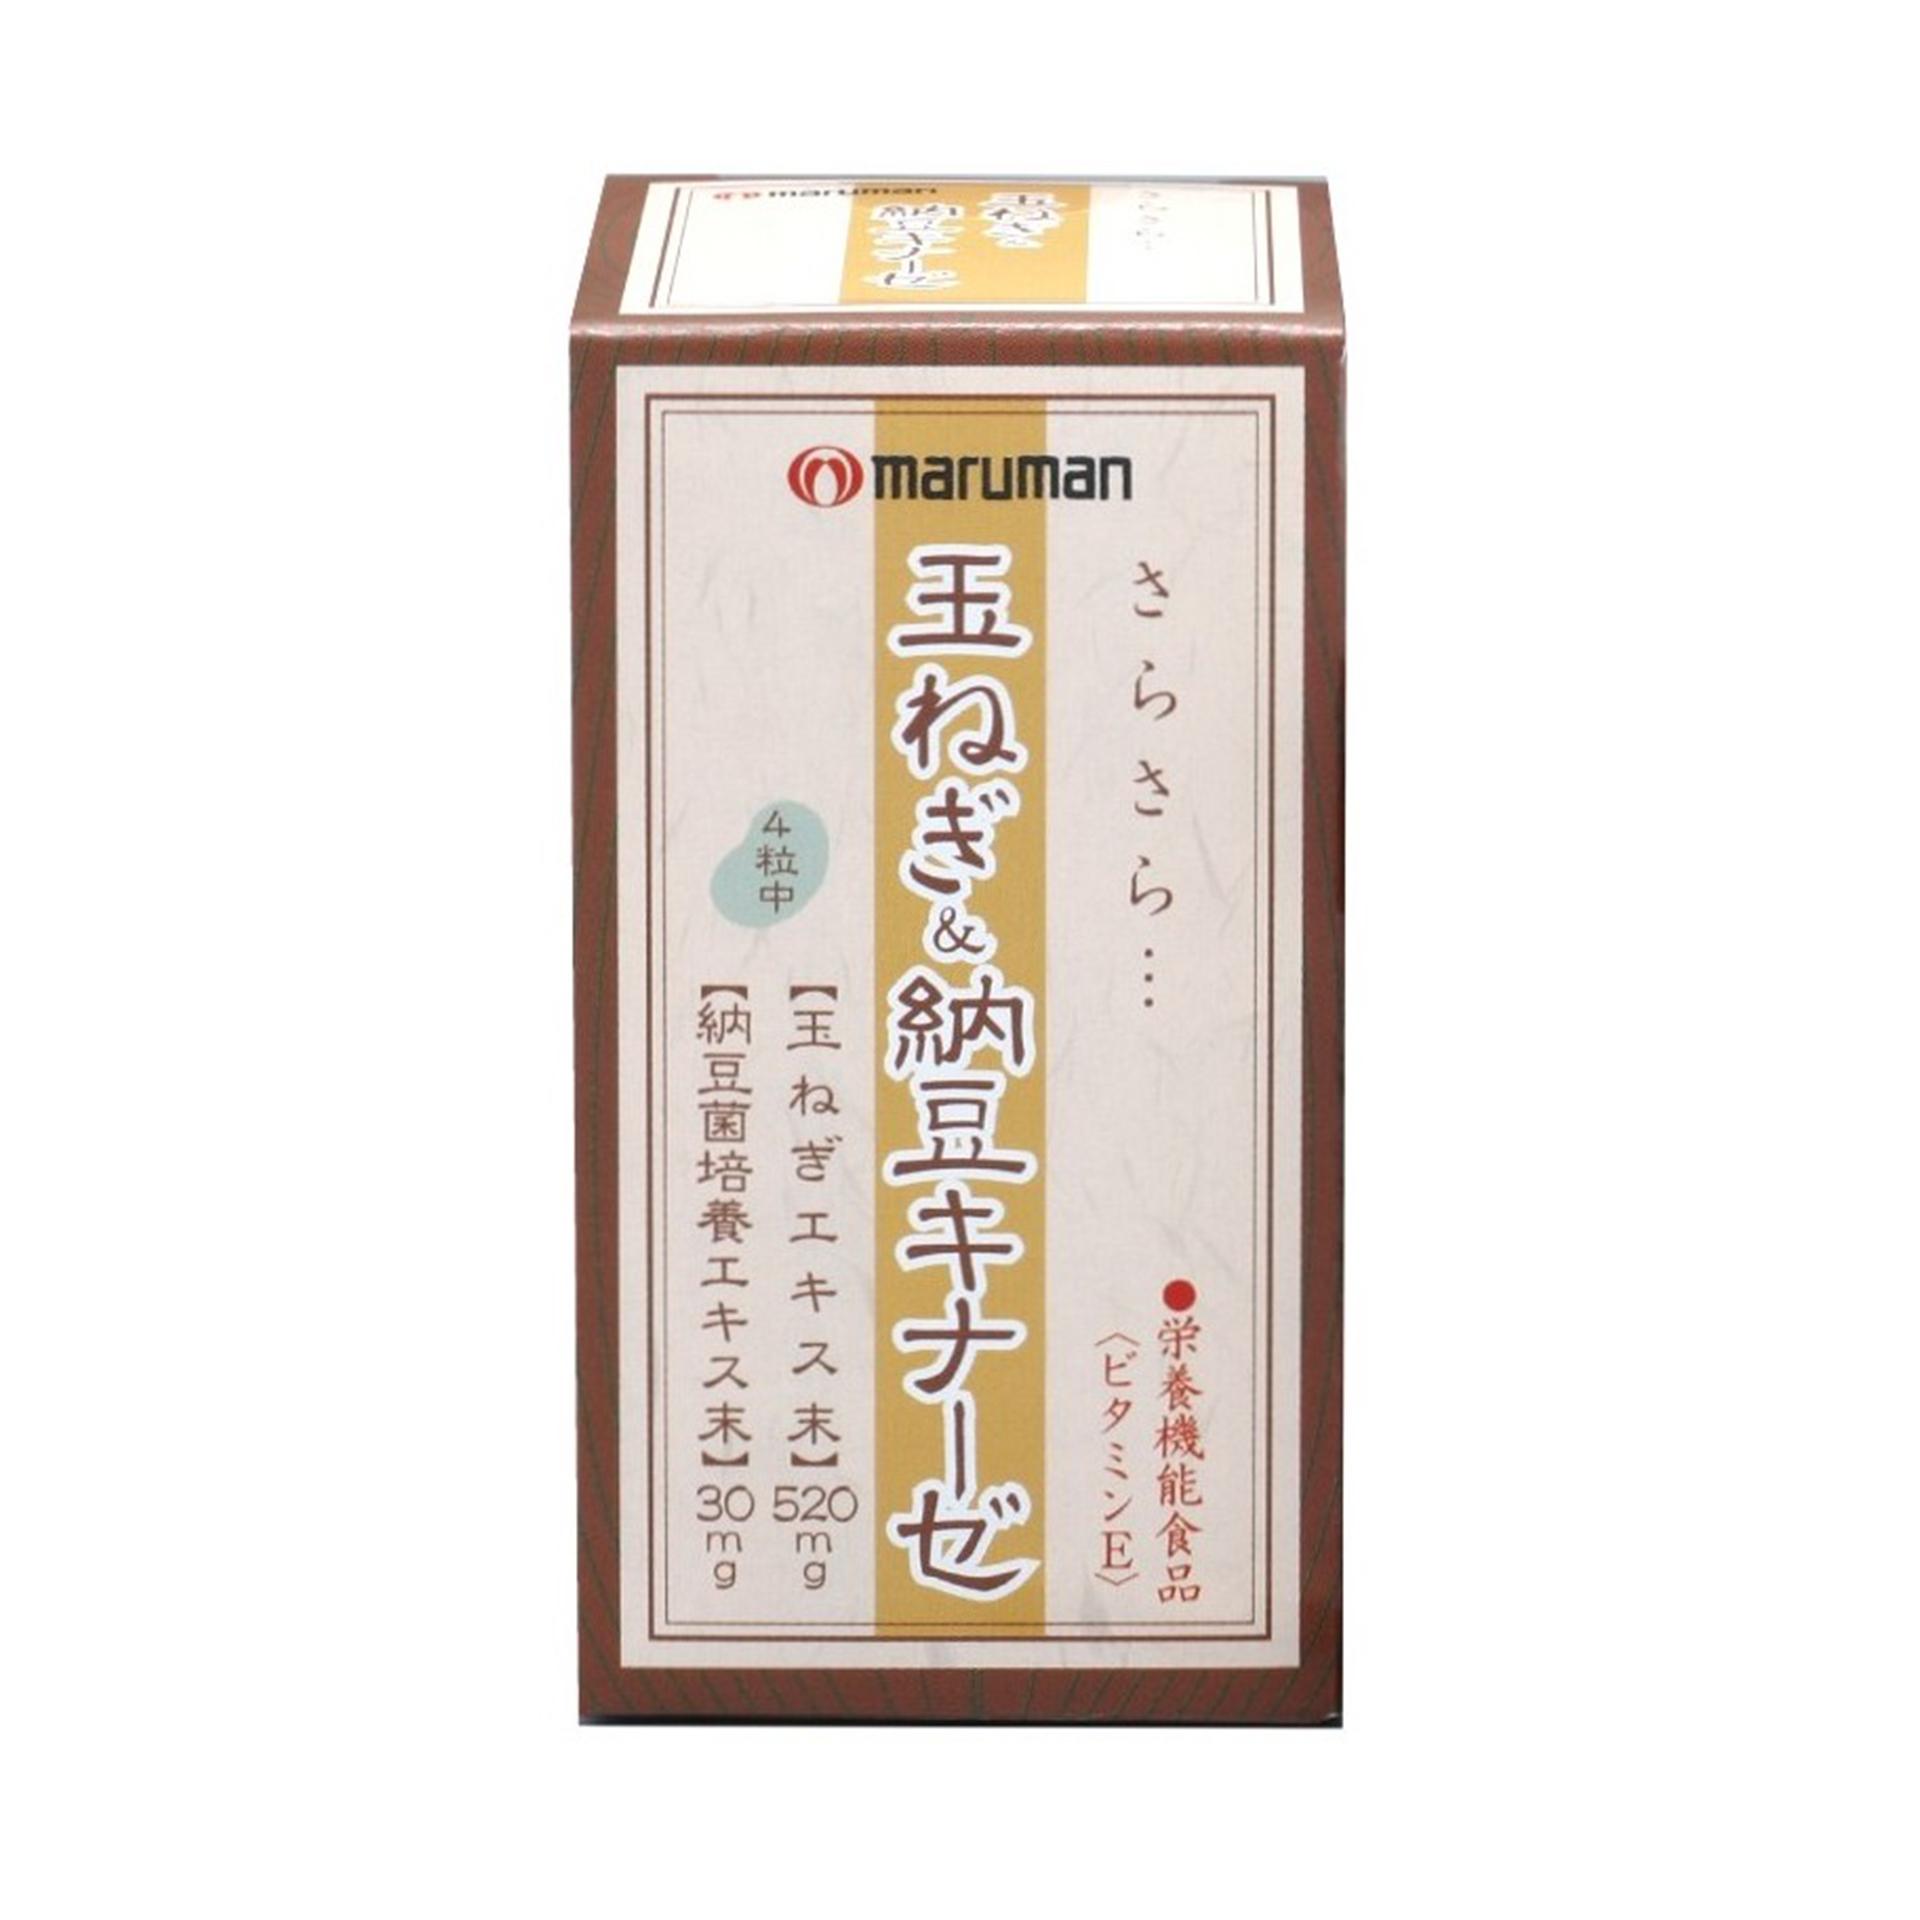 【玉ねぎ&納豆キナーゼ】